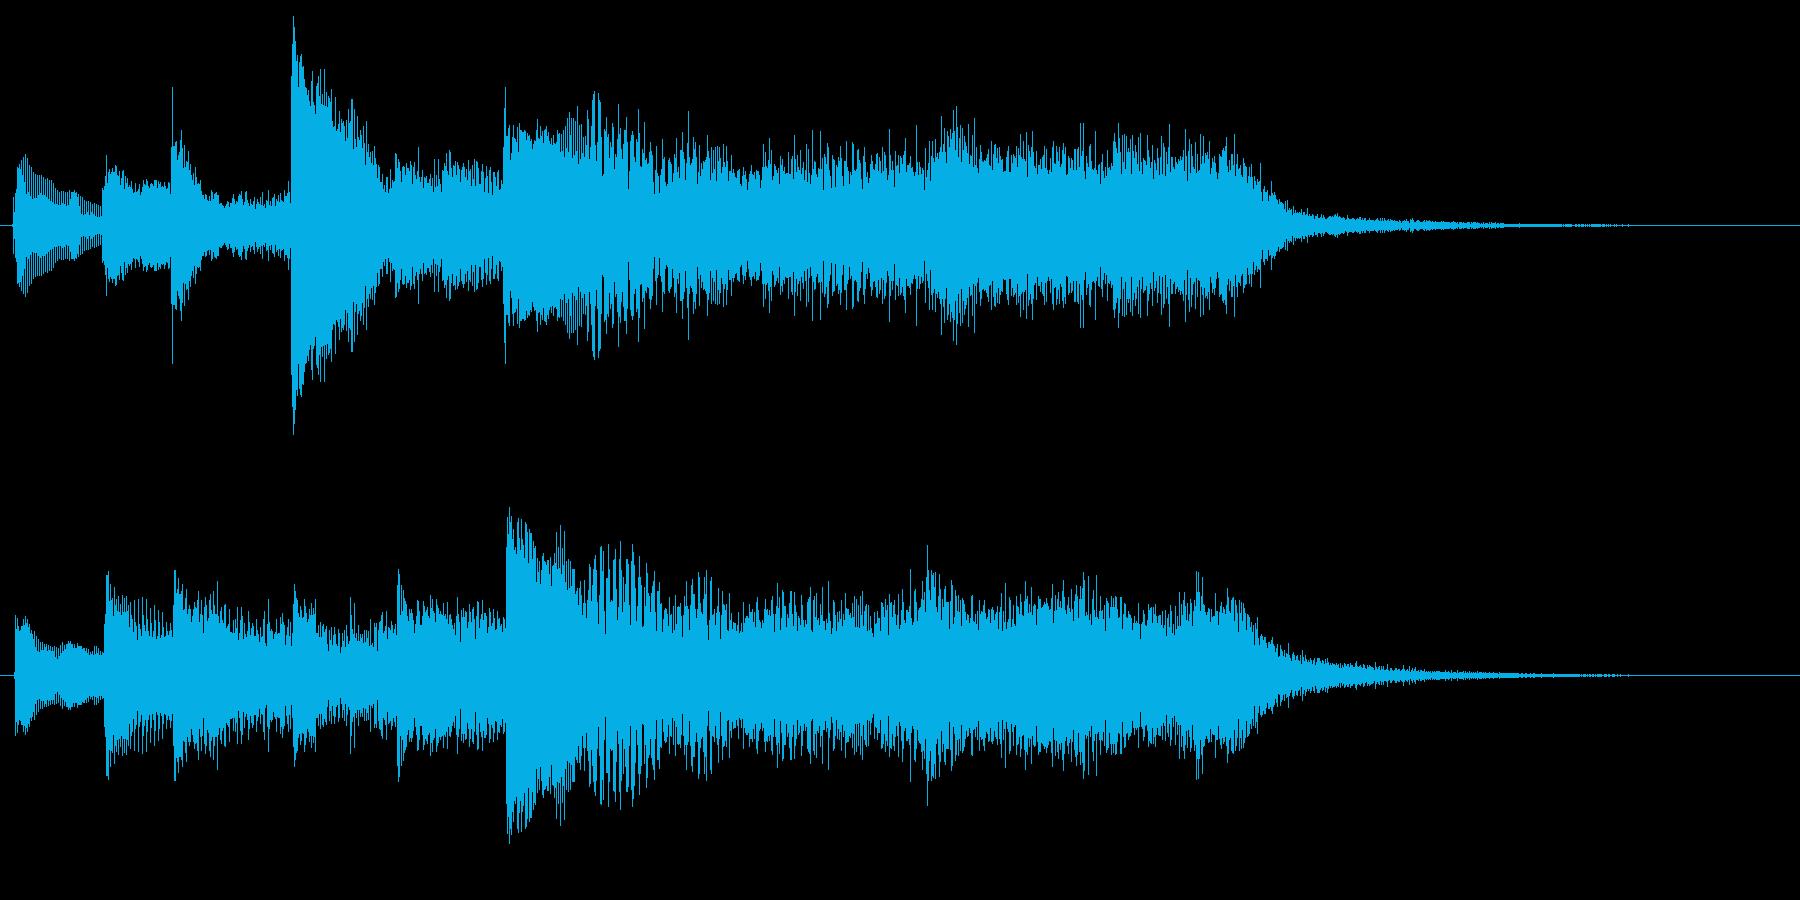 ハープとストリングスのジングル3の再生済みの波形